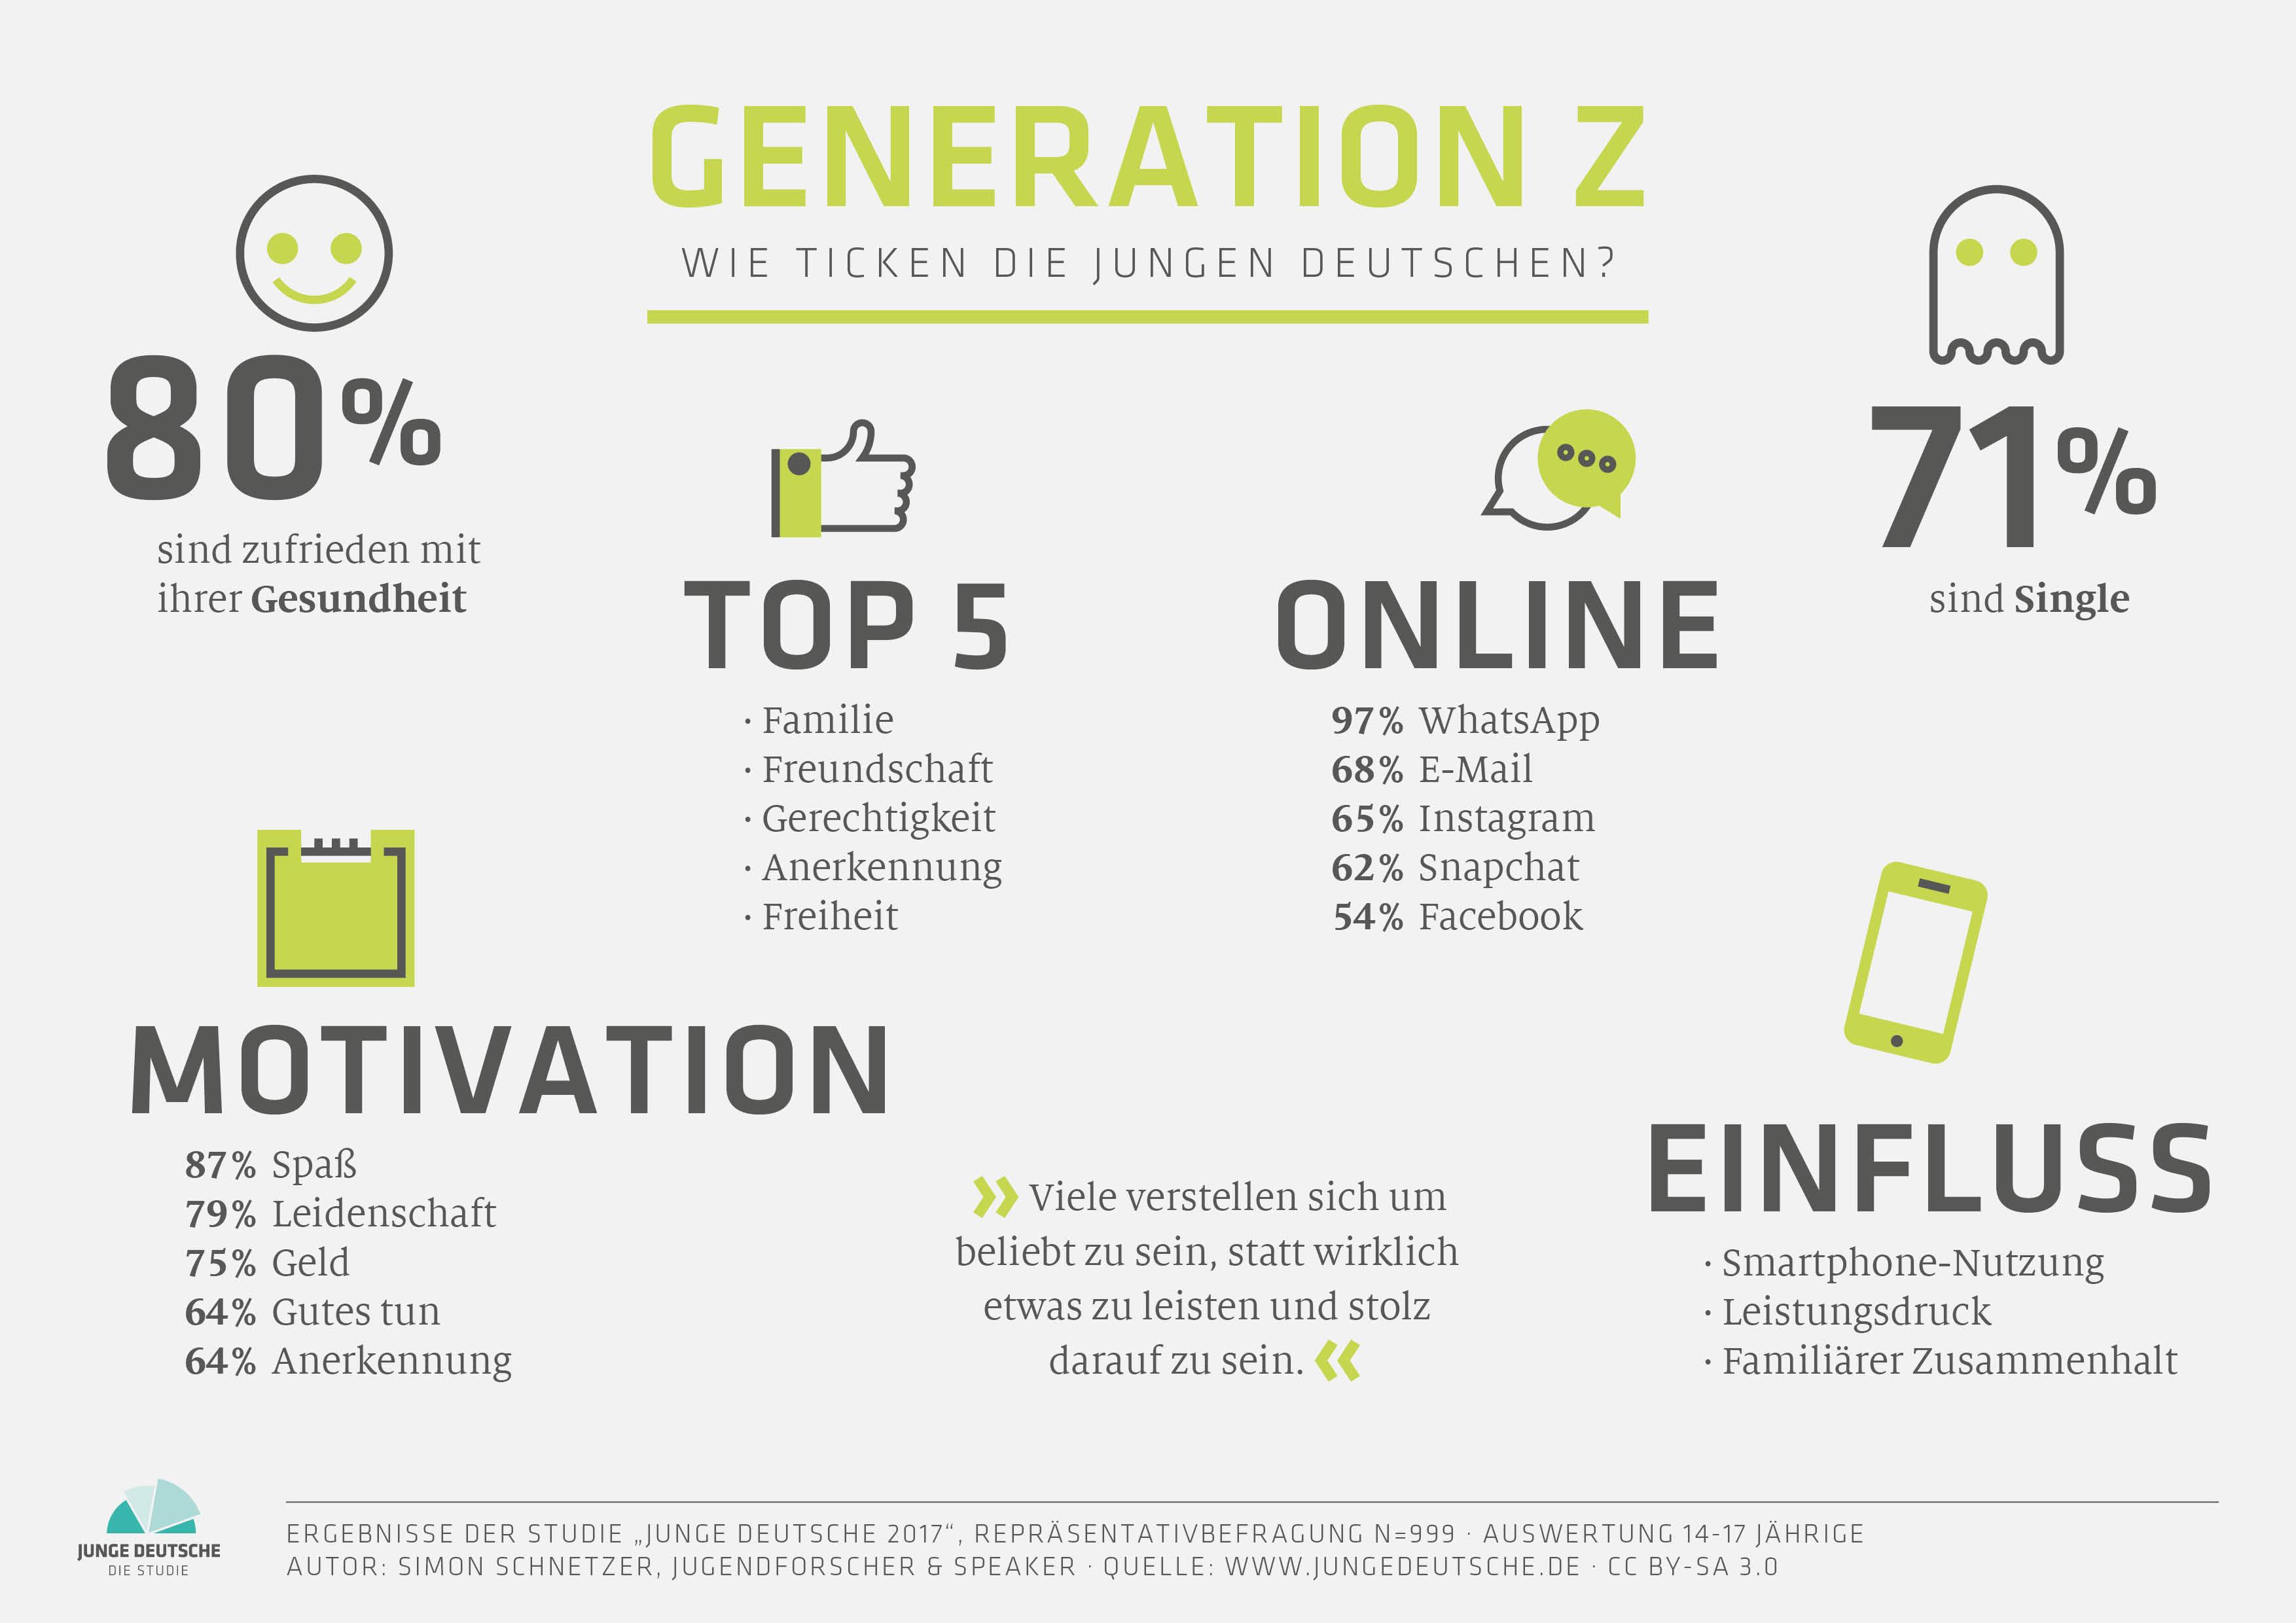 Infografik: Junge Deutsche 2017 - Generation Z Special (von Simon Schnetzer)